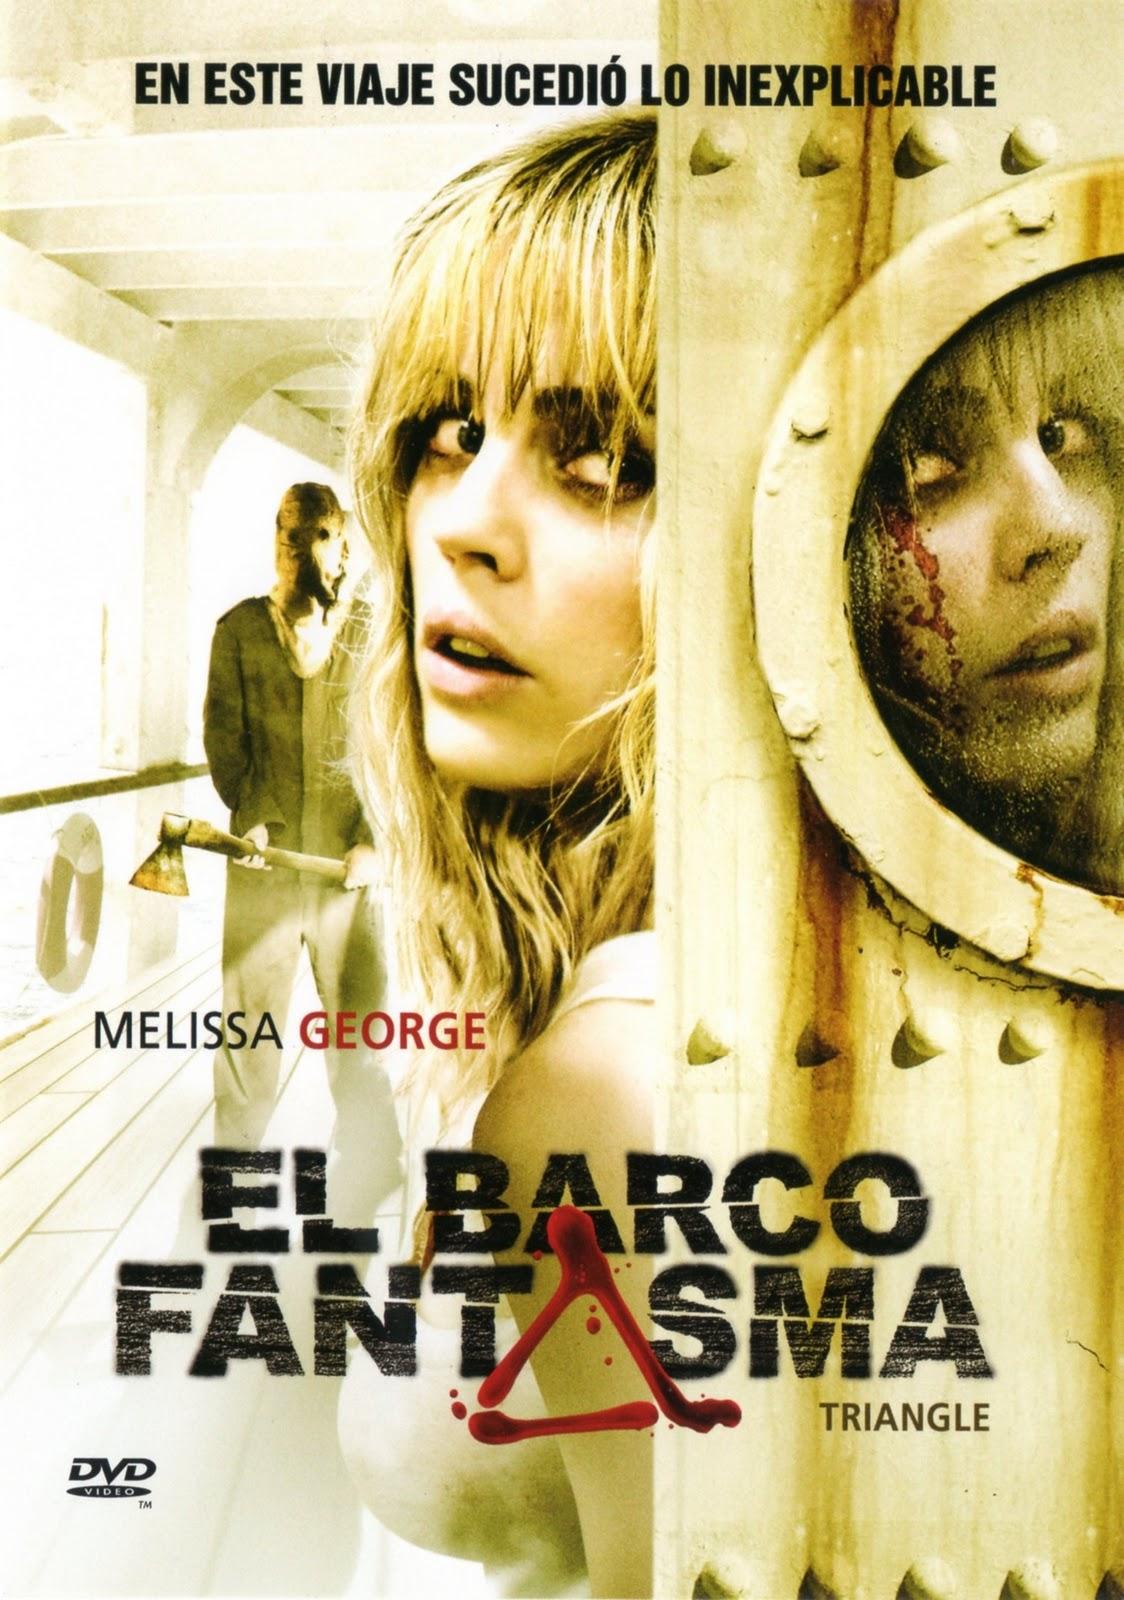 http://1.bp.blogspot.com/_hR2eNBKDyvc/TSpWh0pzoEI/AAAAAAAAAEU/QhfPm2mz2CA/s1600/El+Barco+Fantasma.jpg